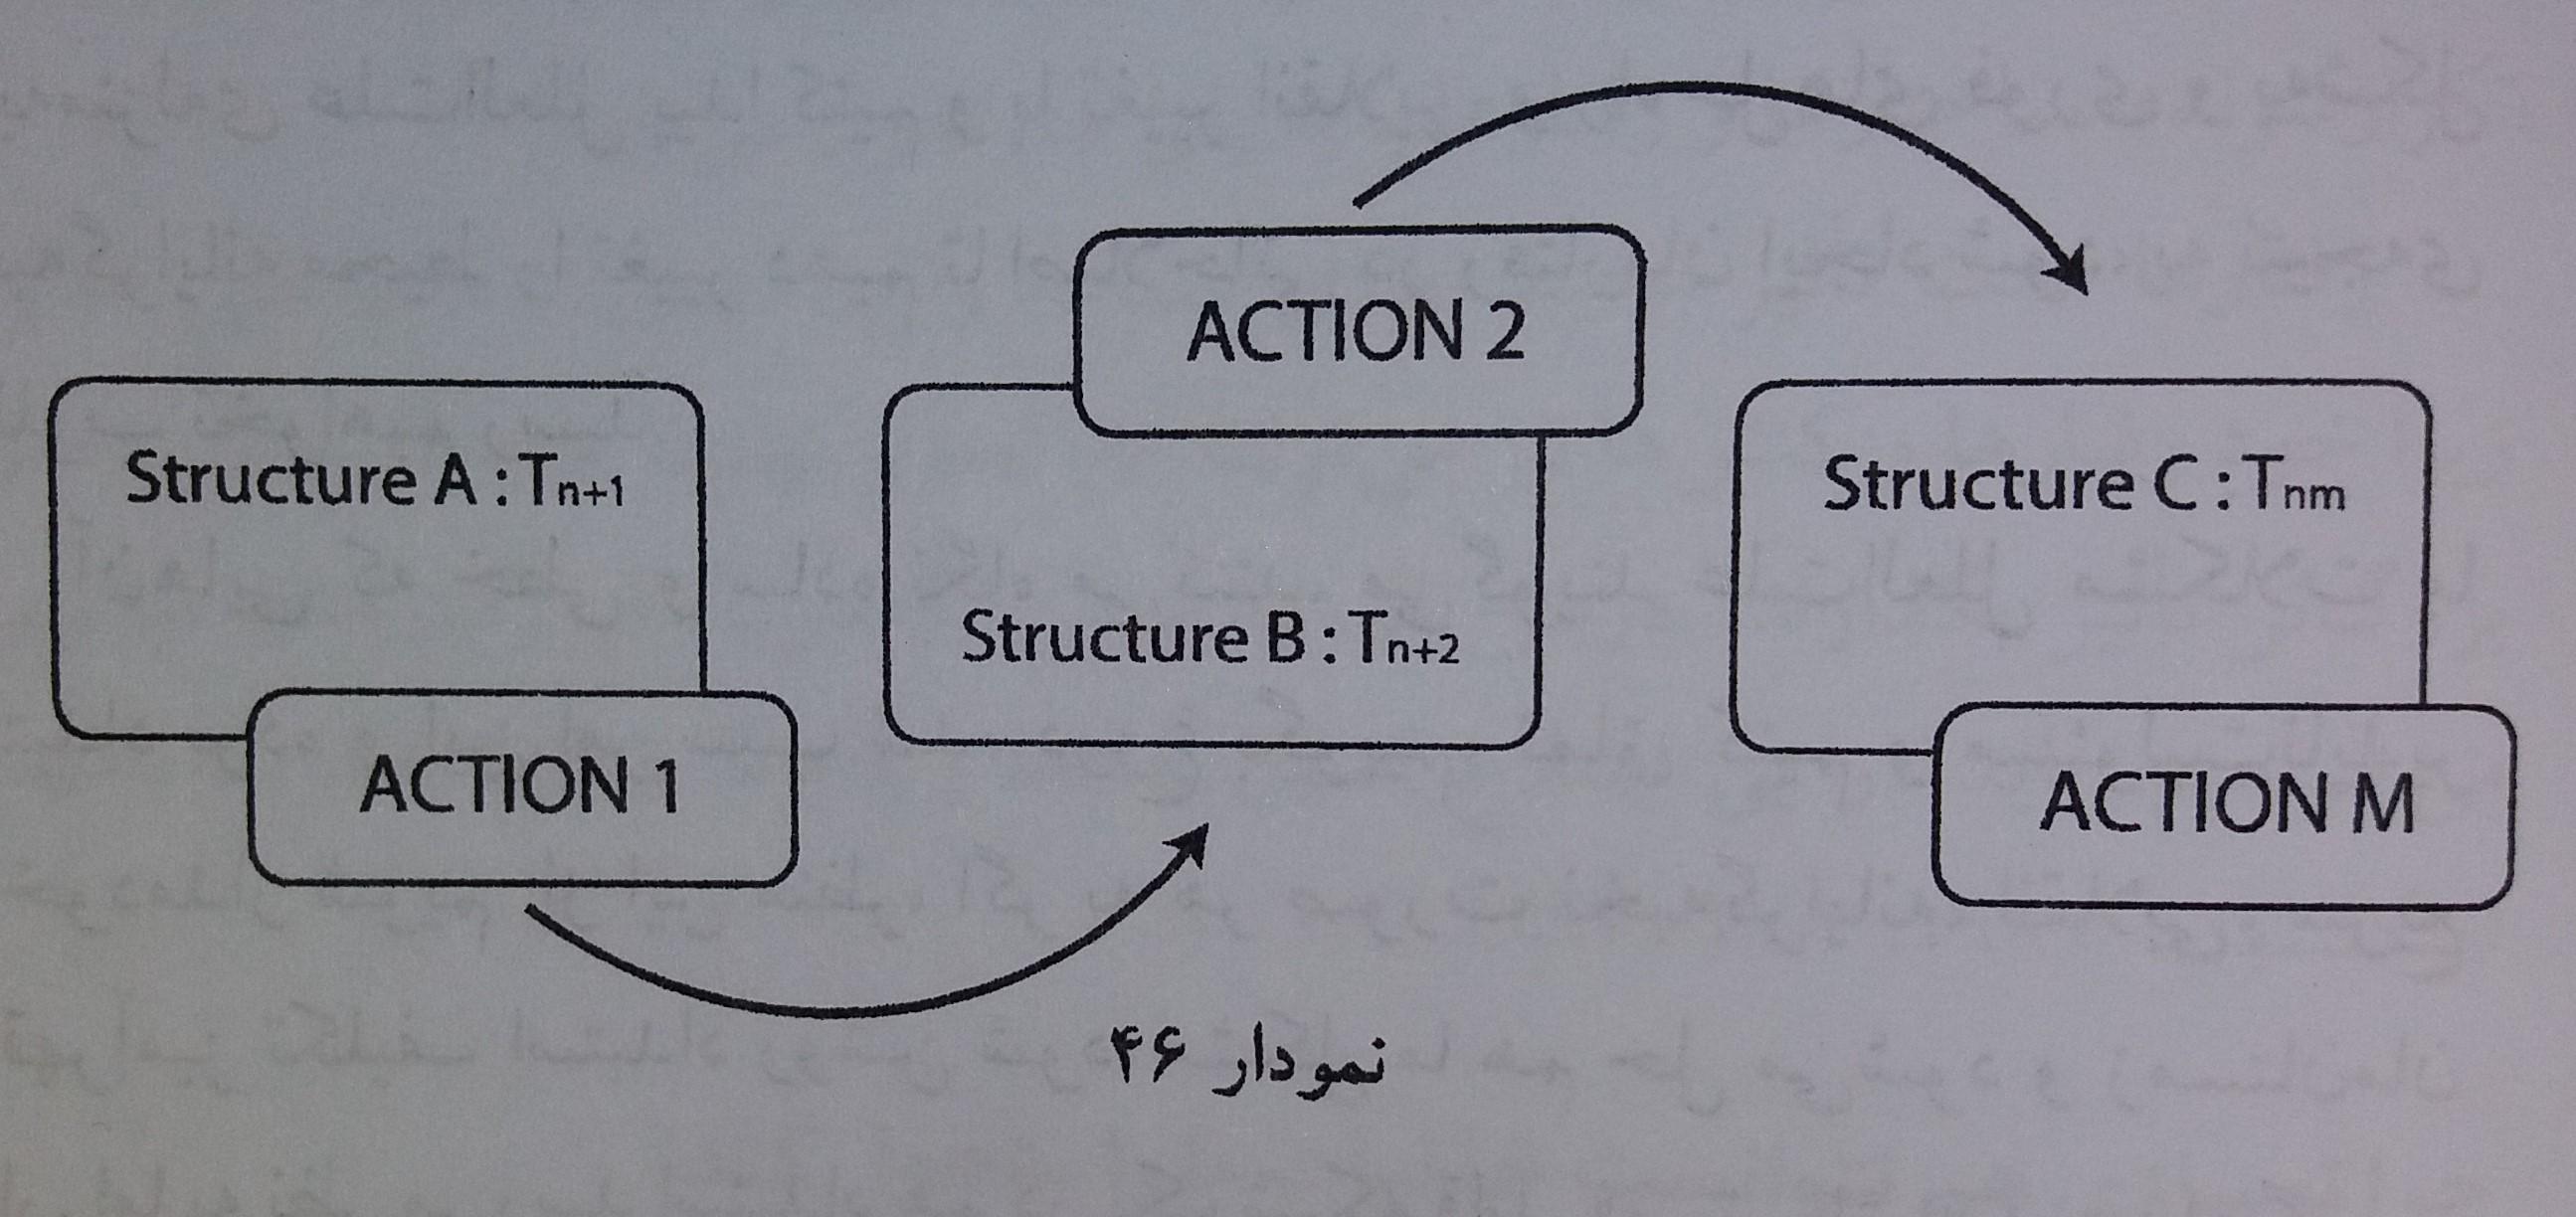 ما از قابلیت های ساختار تجاری استفاده می کنیم و به این ترتیب ساختار دقیقاً تغییر می یابد و زمینه فعالیت های دیگر می شود